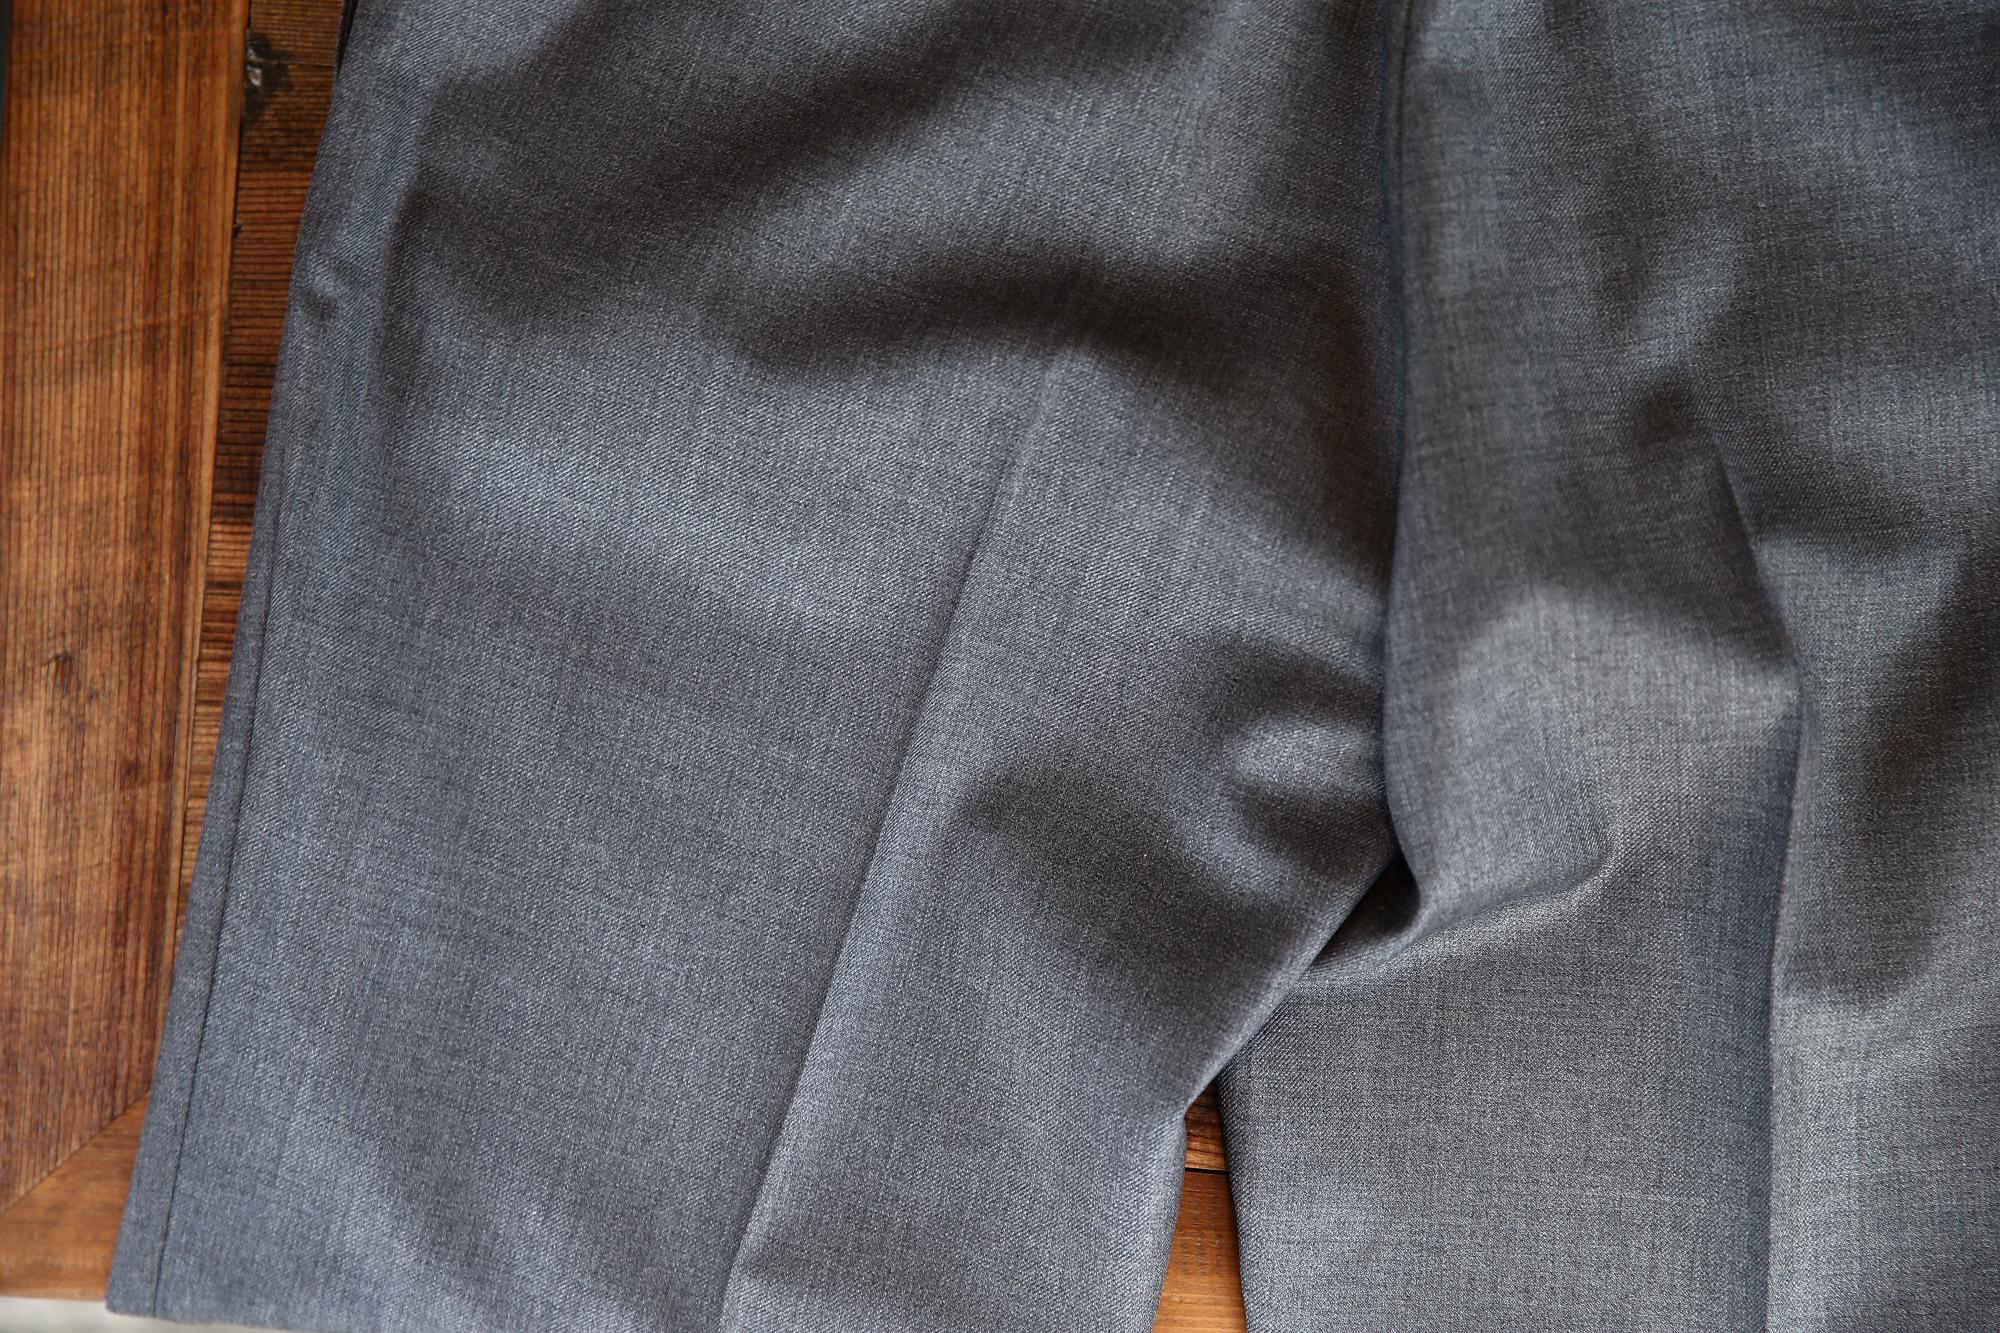 INCOTEX (インコテックス) 1NT035 SLIM FIT SUPER 100'S WOOLLEN TWILL サージウール スラックス GRAY (グレー・912) 2017 秋冬新作 incotex インコテックス スラックス 愛知 名古屋 ZODIAC ゾディアック グレスラ